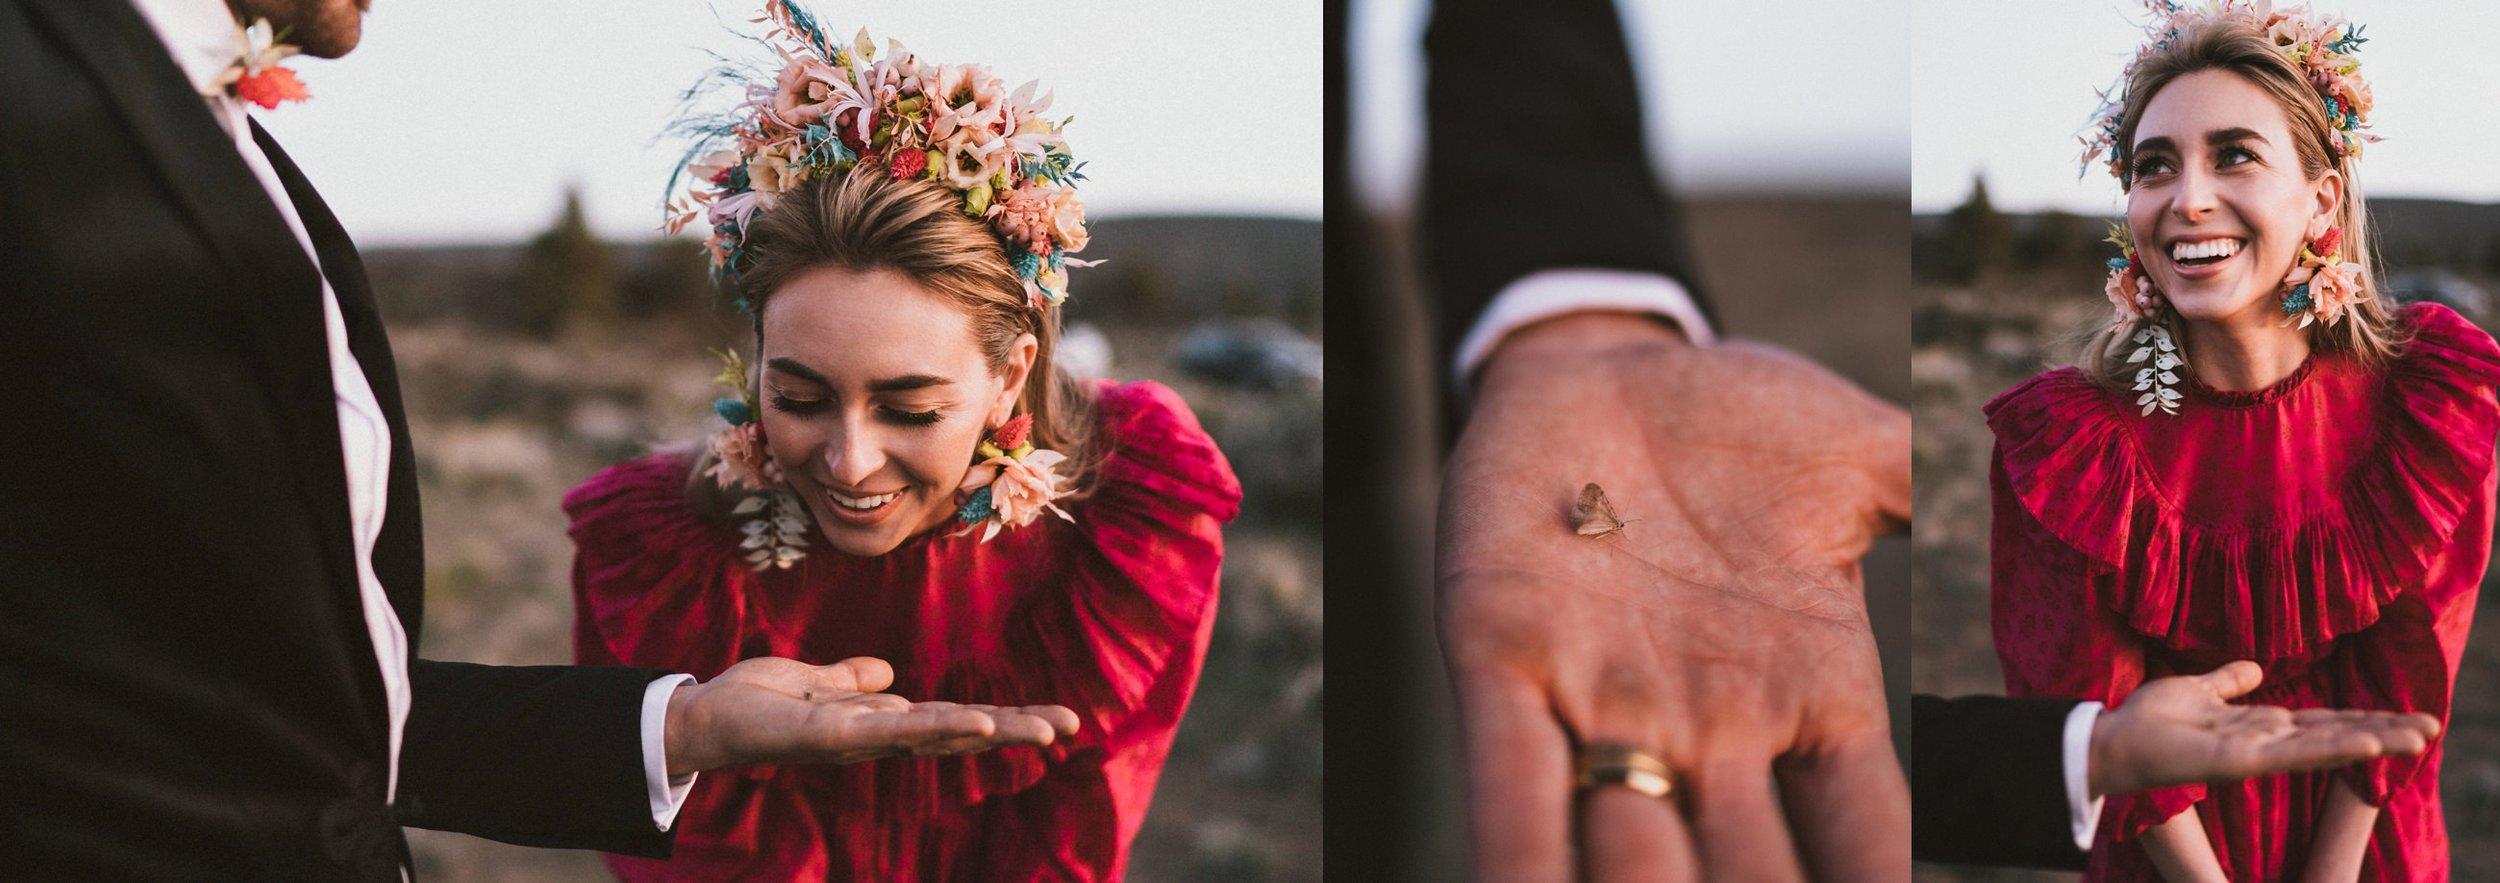 TONY-GAMBINO-PHOTOGRAPHY-BEND-OREGON-WEDDING-SHOOT_1494 Candid.jpg